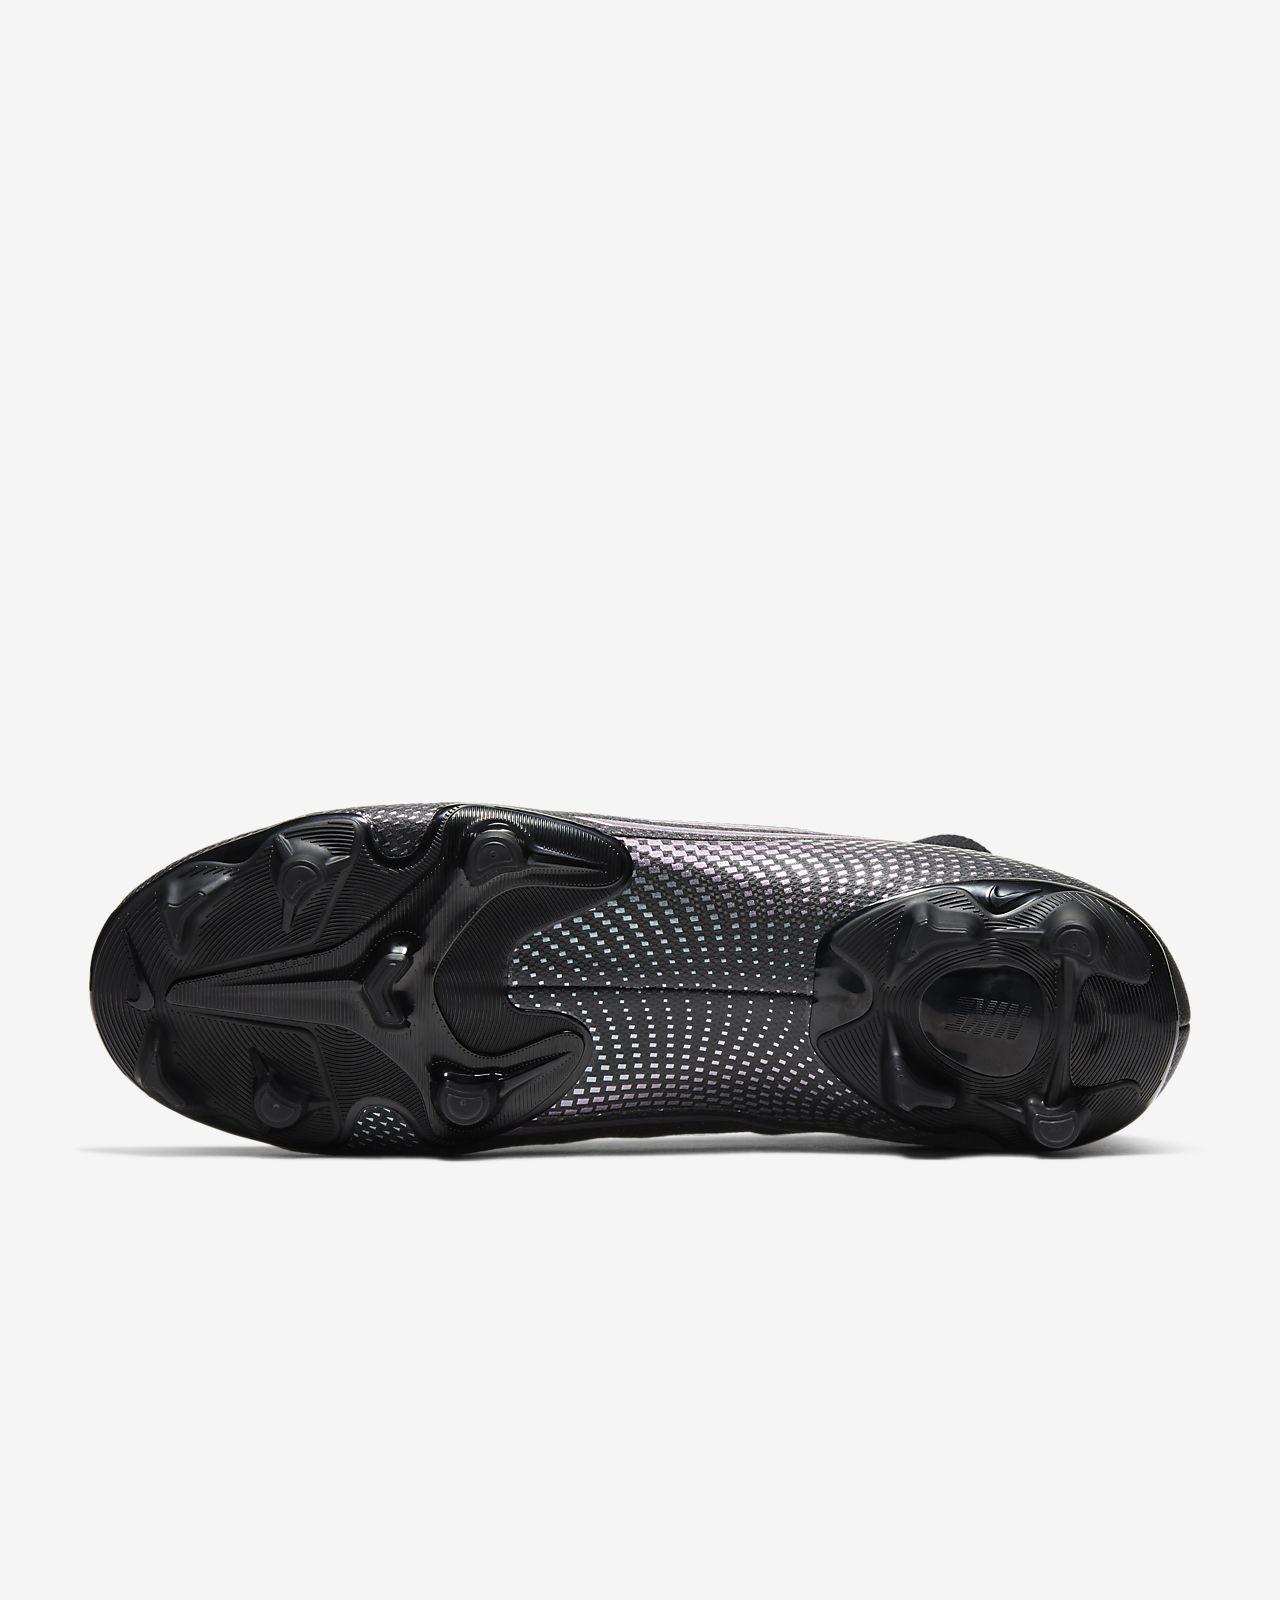 Nike Mercurial Superfly 7 Academy MG többféle talajra